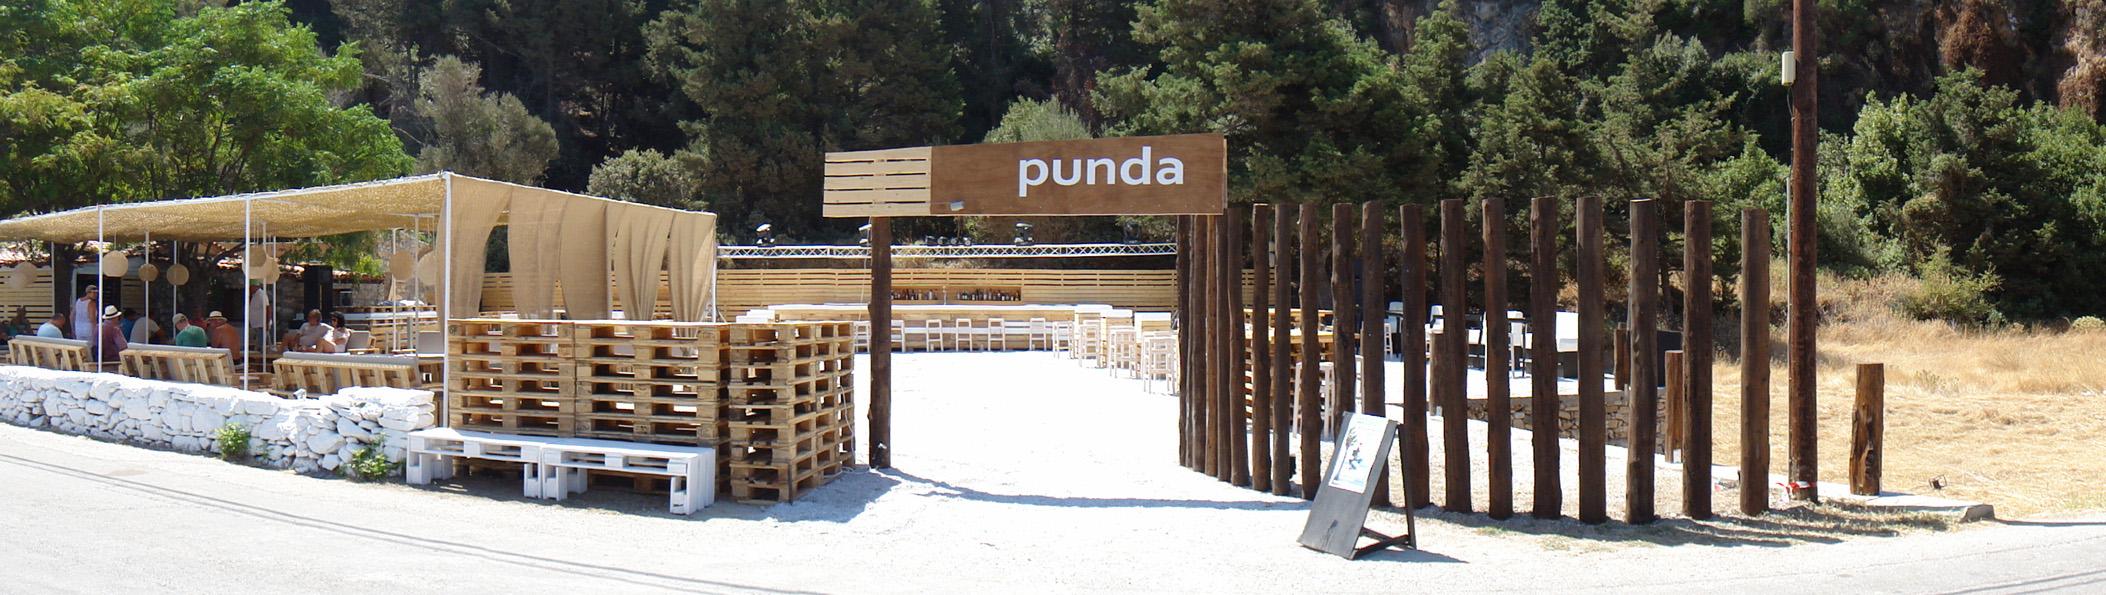 Punda Cafe - bar